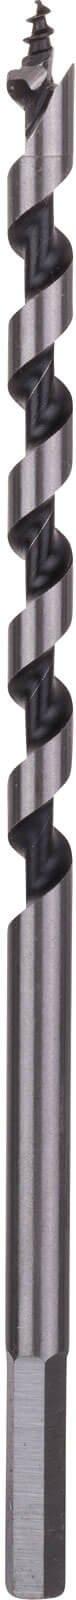 Bosch Hex Shank Auger Drill Bit 7mm 160mm